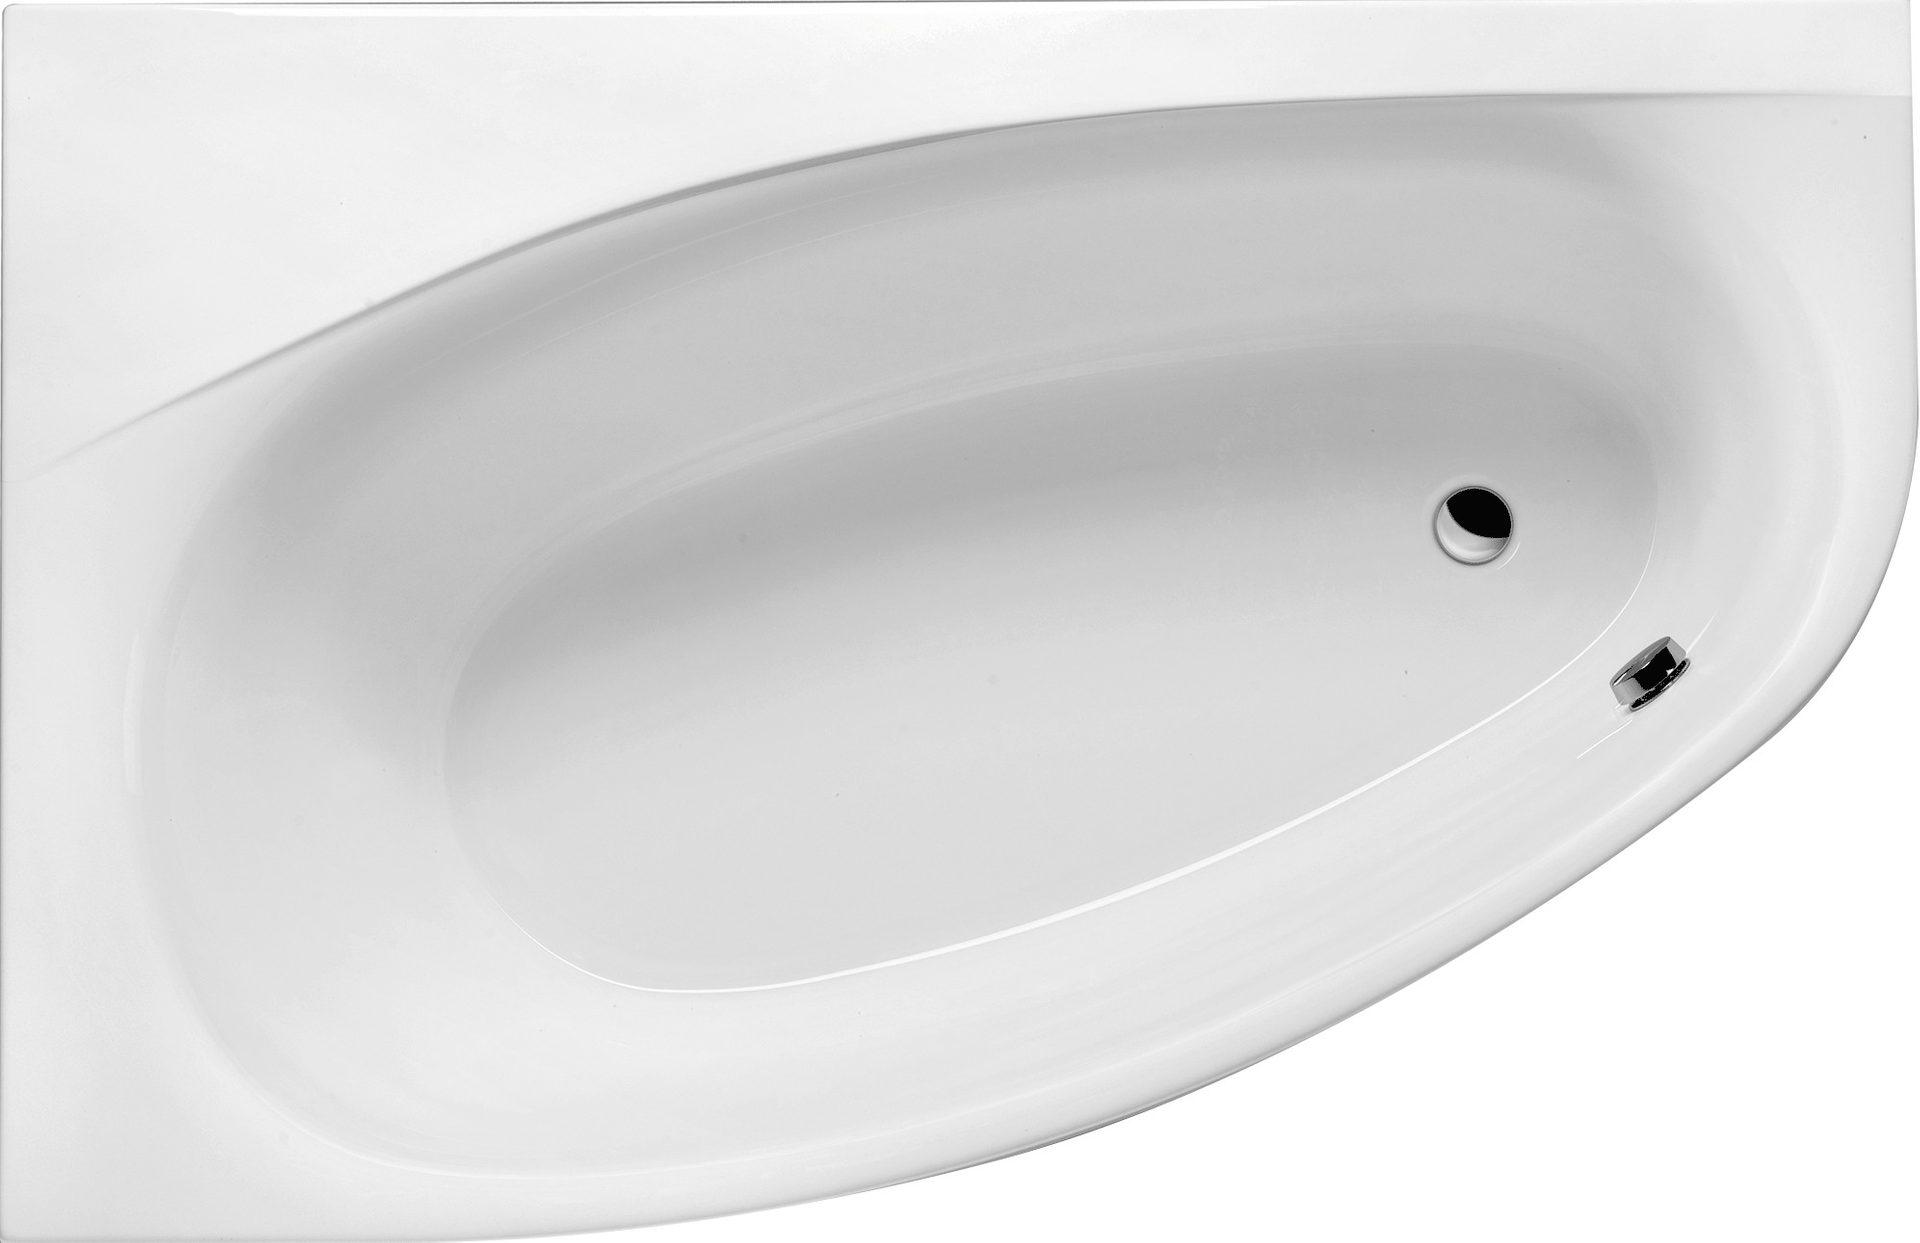 Raumsparwanne 170 x 110 cm asymmetrische eckbadewanne for Asymmetrische badewanne 170